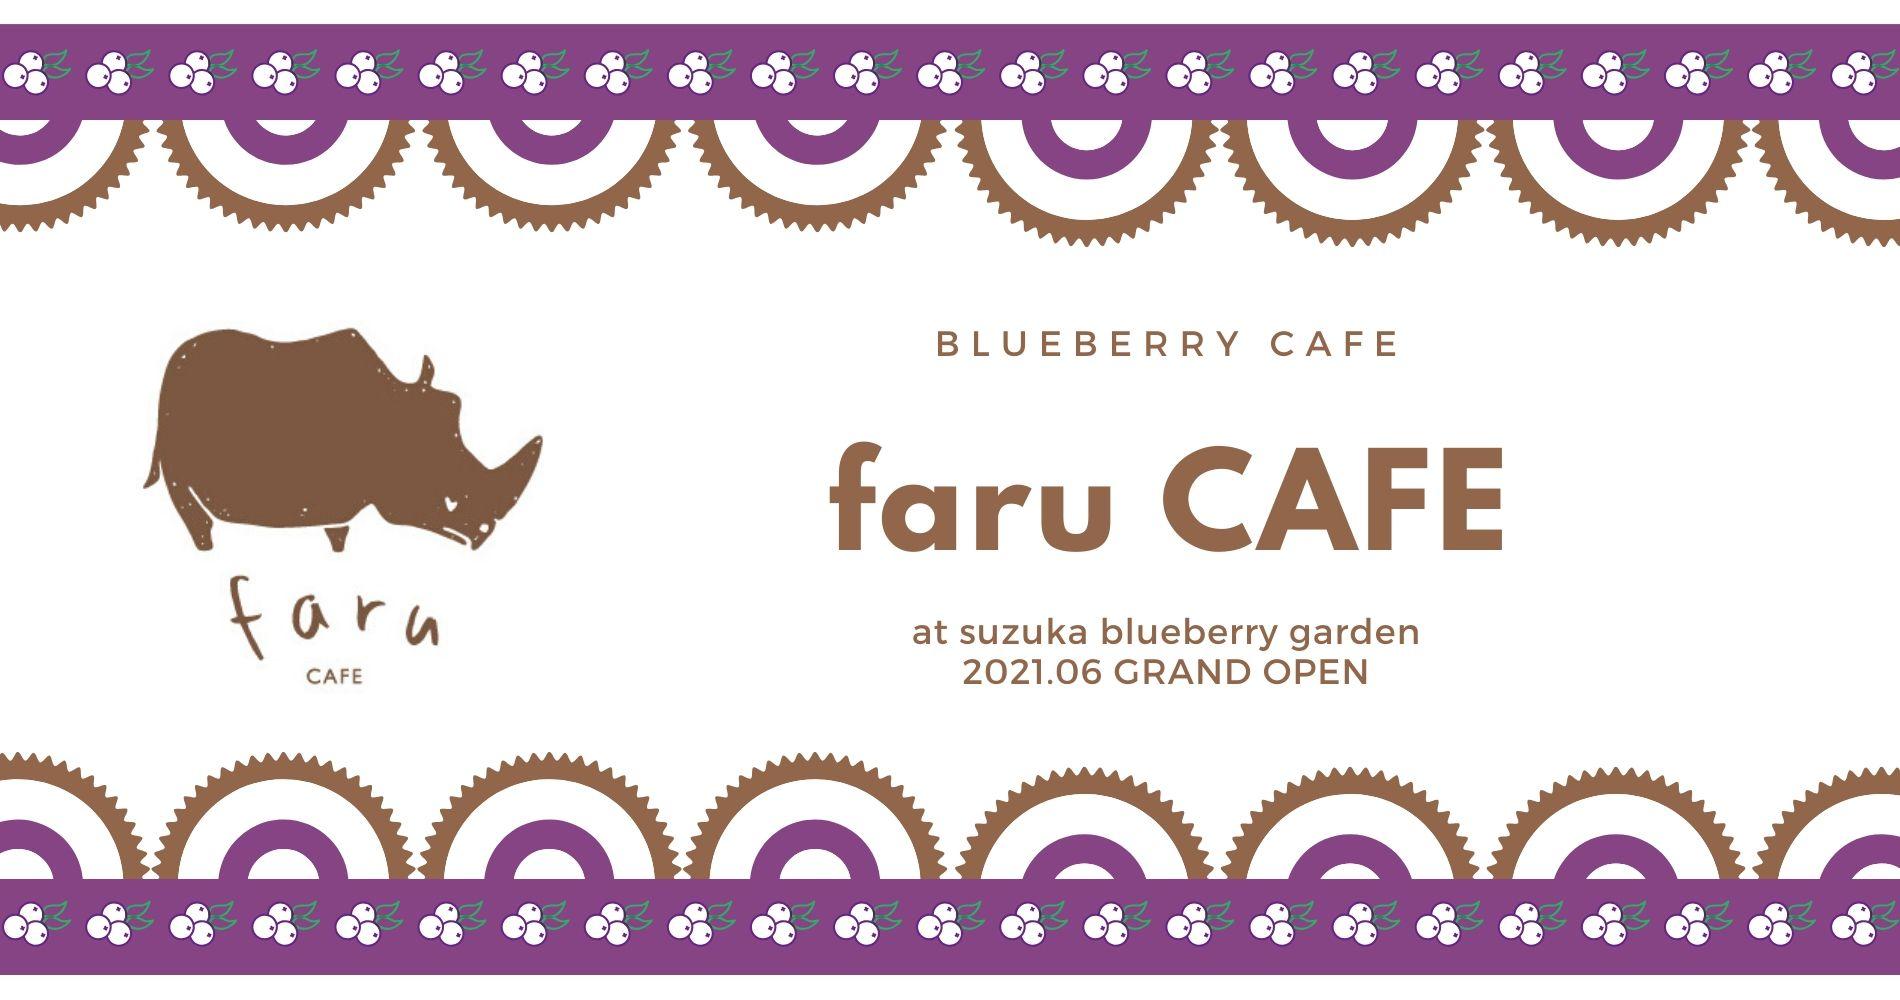 鈴鹿ブルーベリーガーデン faru CAFE